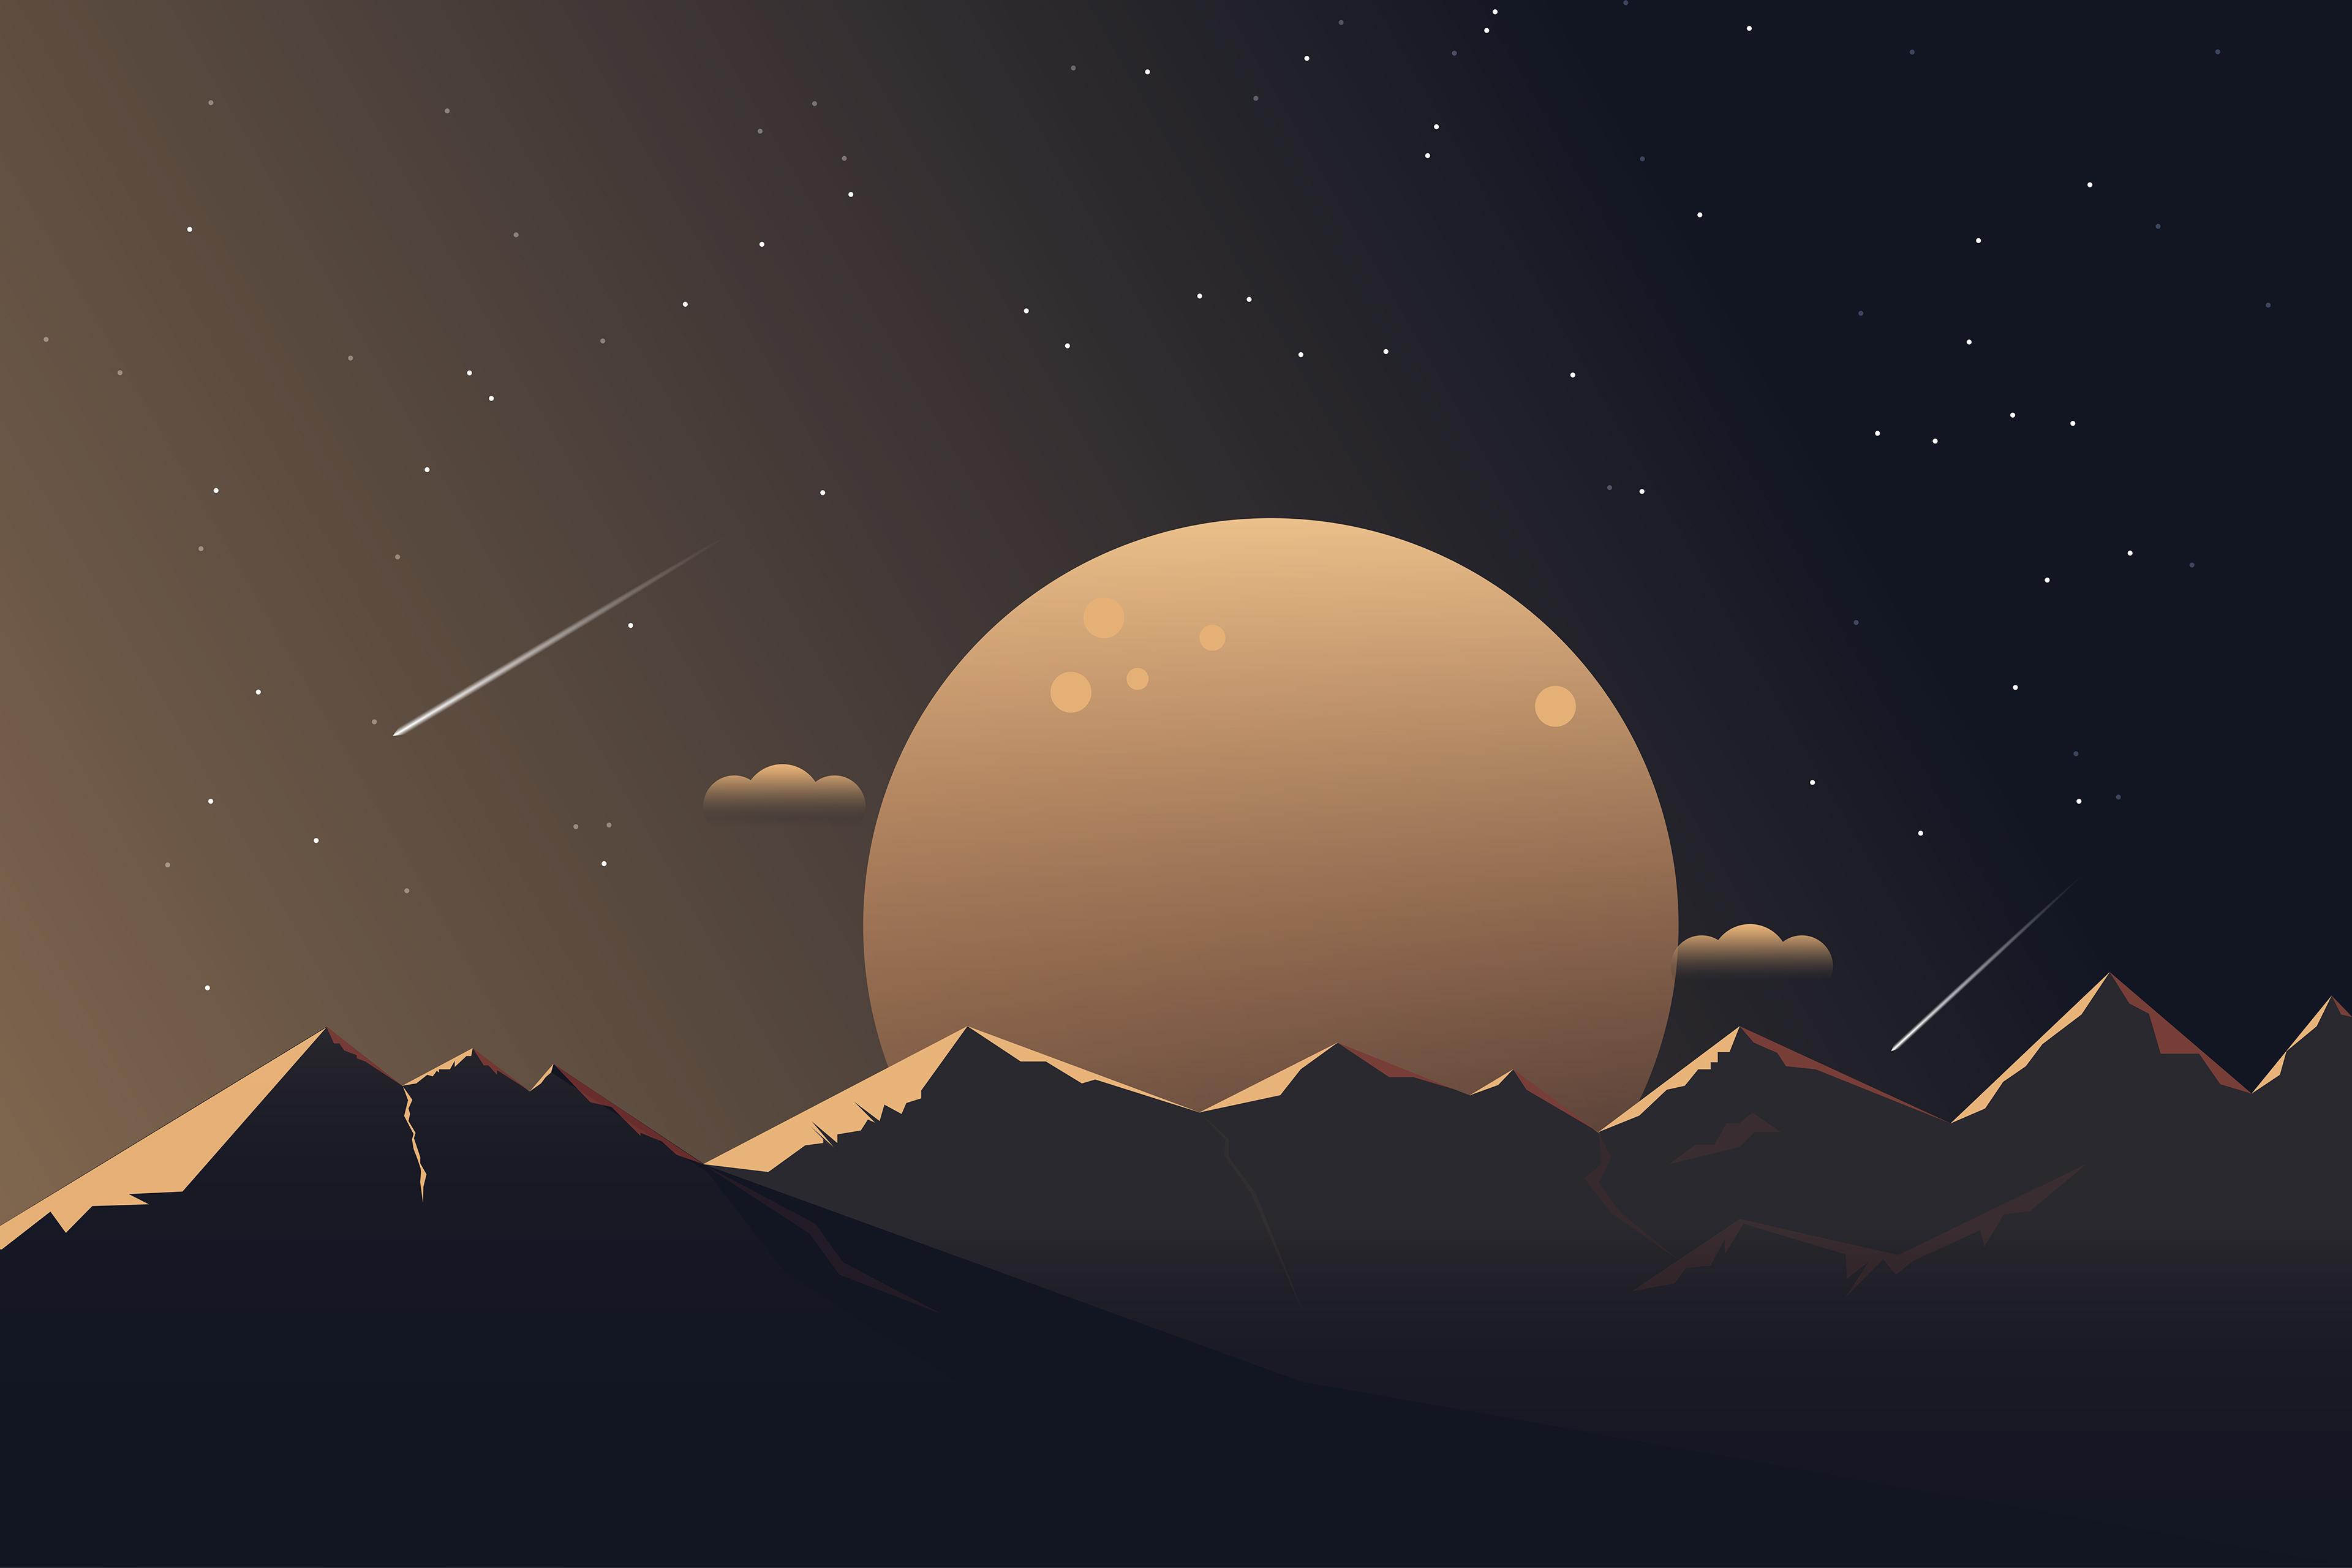 Minimalist Moon Mountain Nature Night 3840x2560